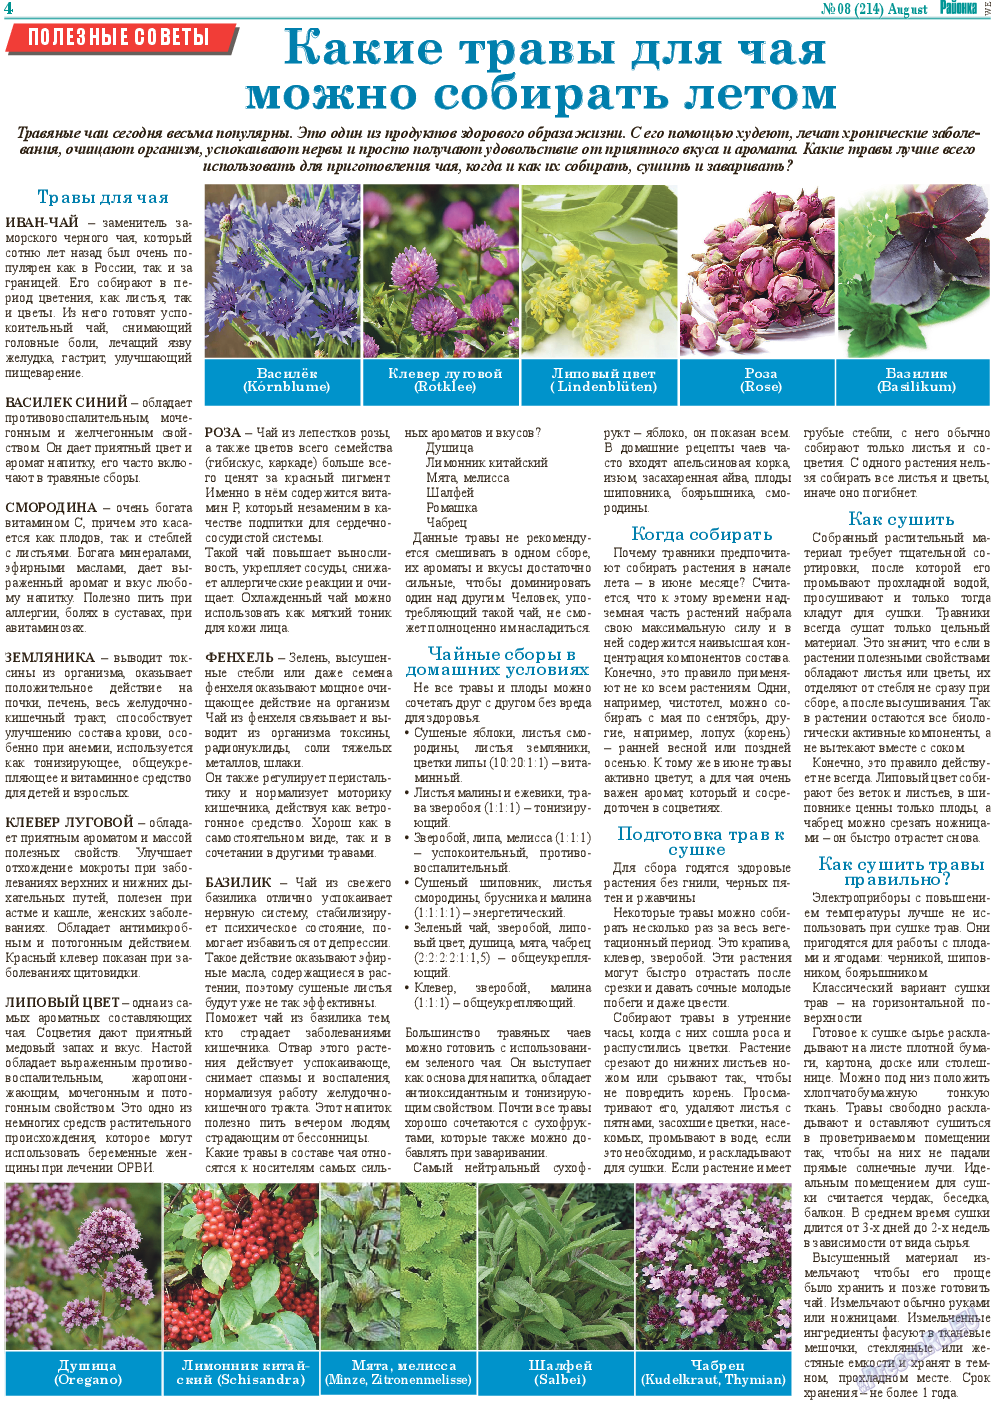 Районка-West (газета). 2018 год, номер 8, стр. 4